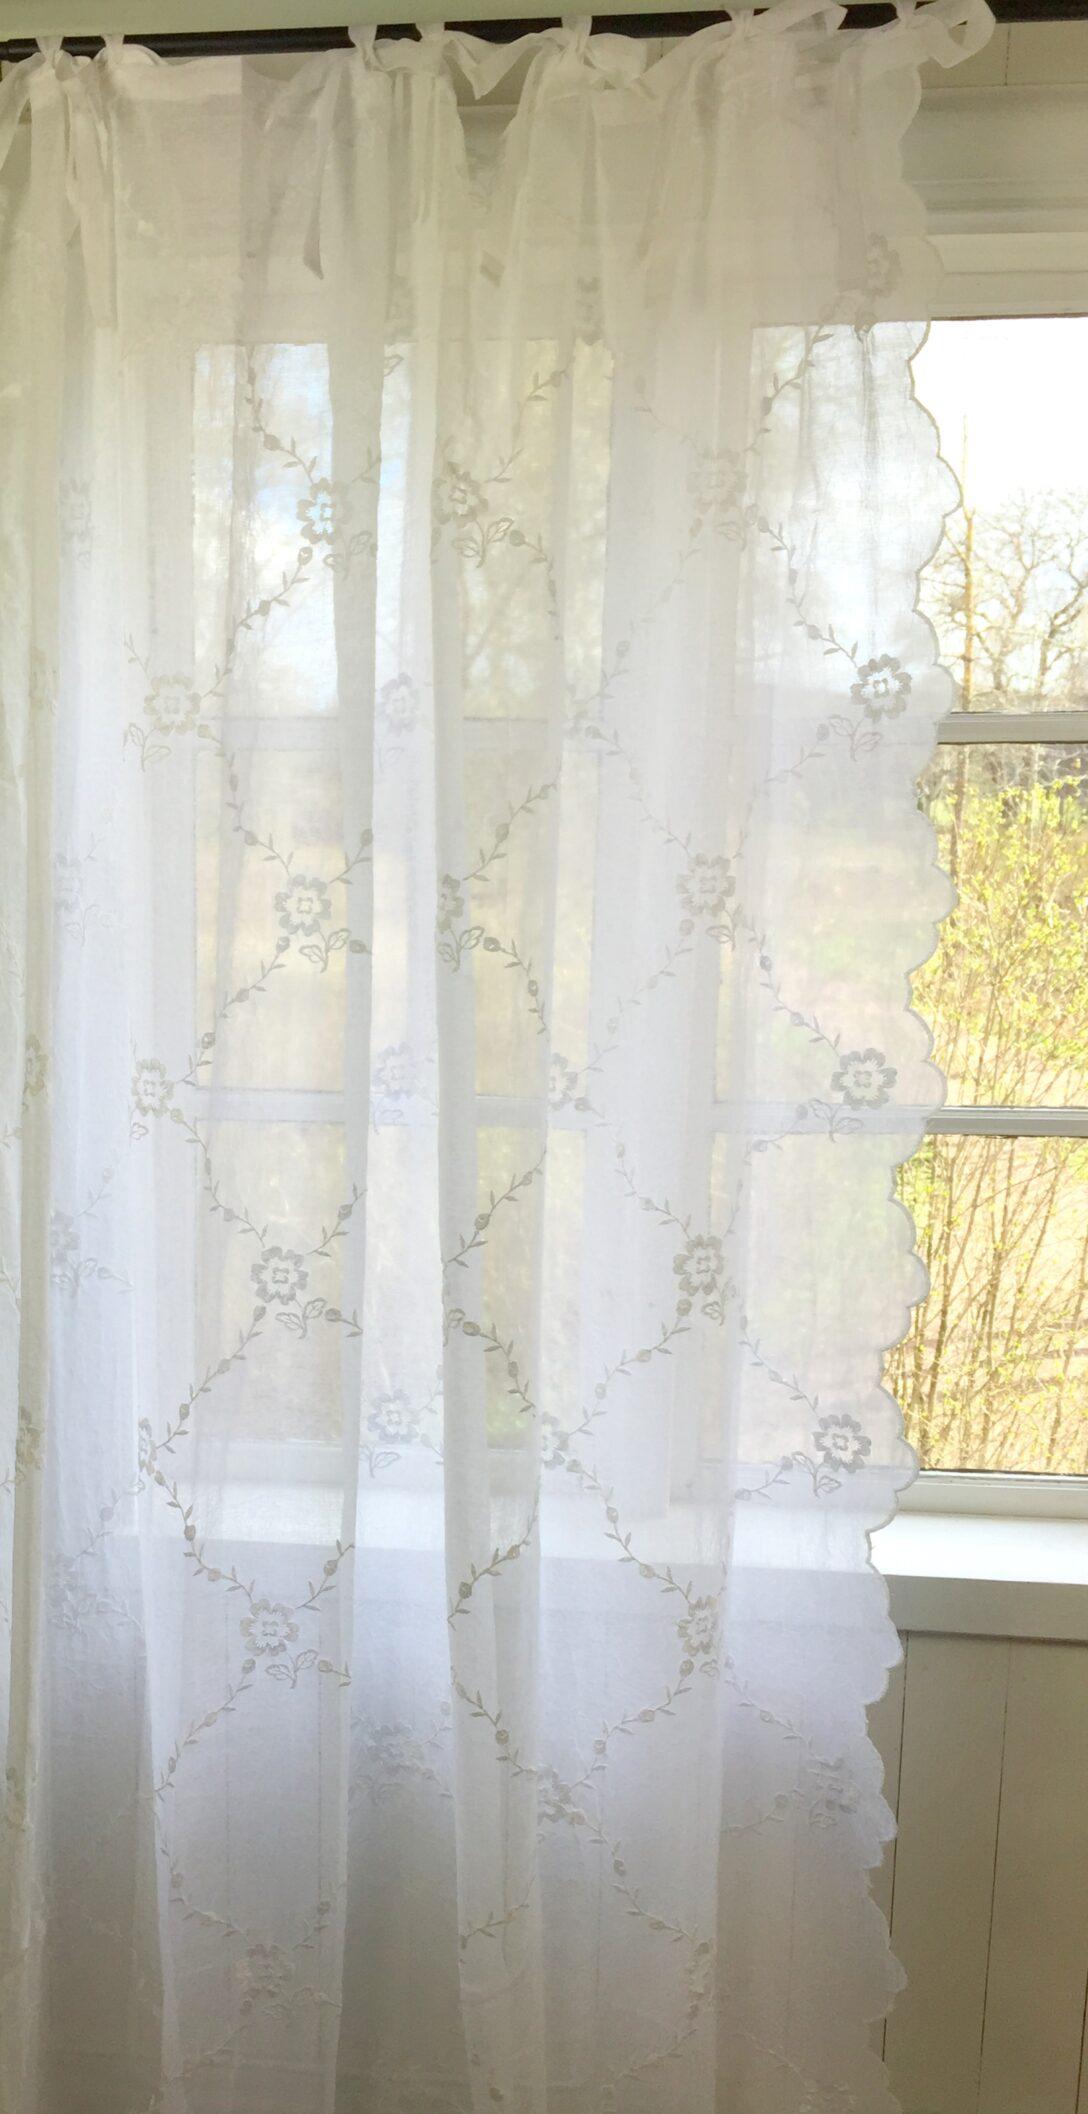 Large Size of Kchengardine Landhausstil Scheibengardine Weiss Leinenvorhang Bett Küche Sofa Esstisch Schlafzimmer Weiß Boxspring Wohnzimmer Regal Scheibengardinen Betten Wohnzimmer Scheibengardinen Landhausstil